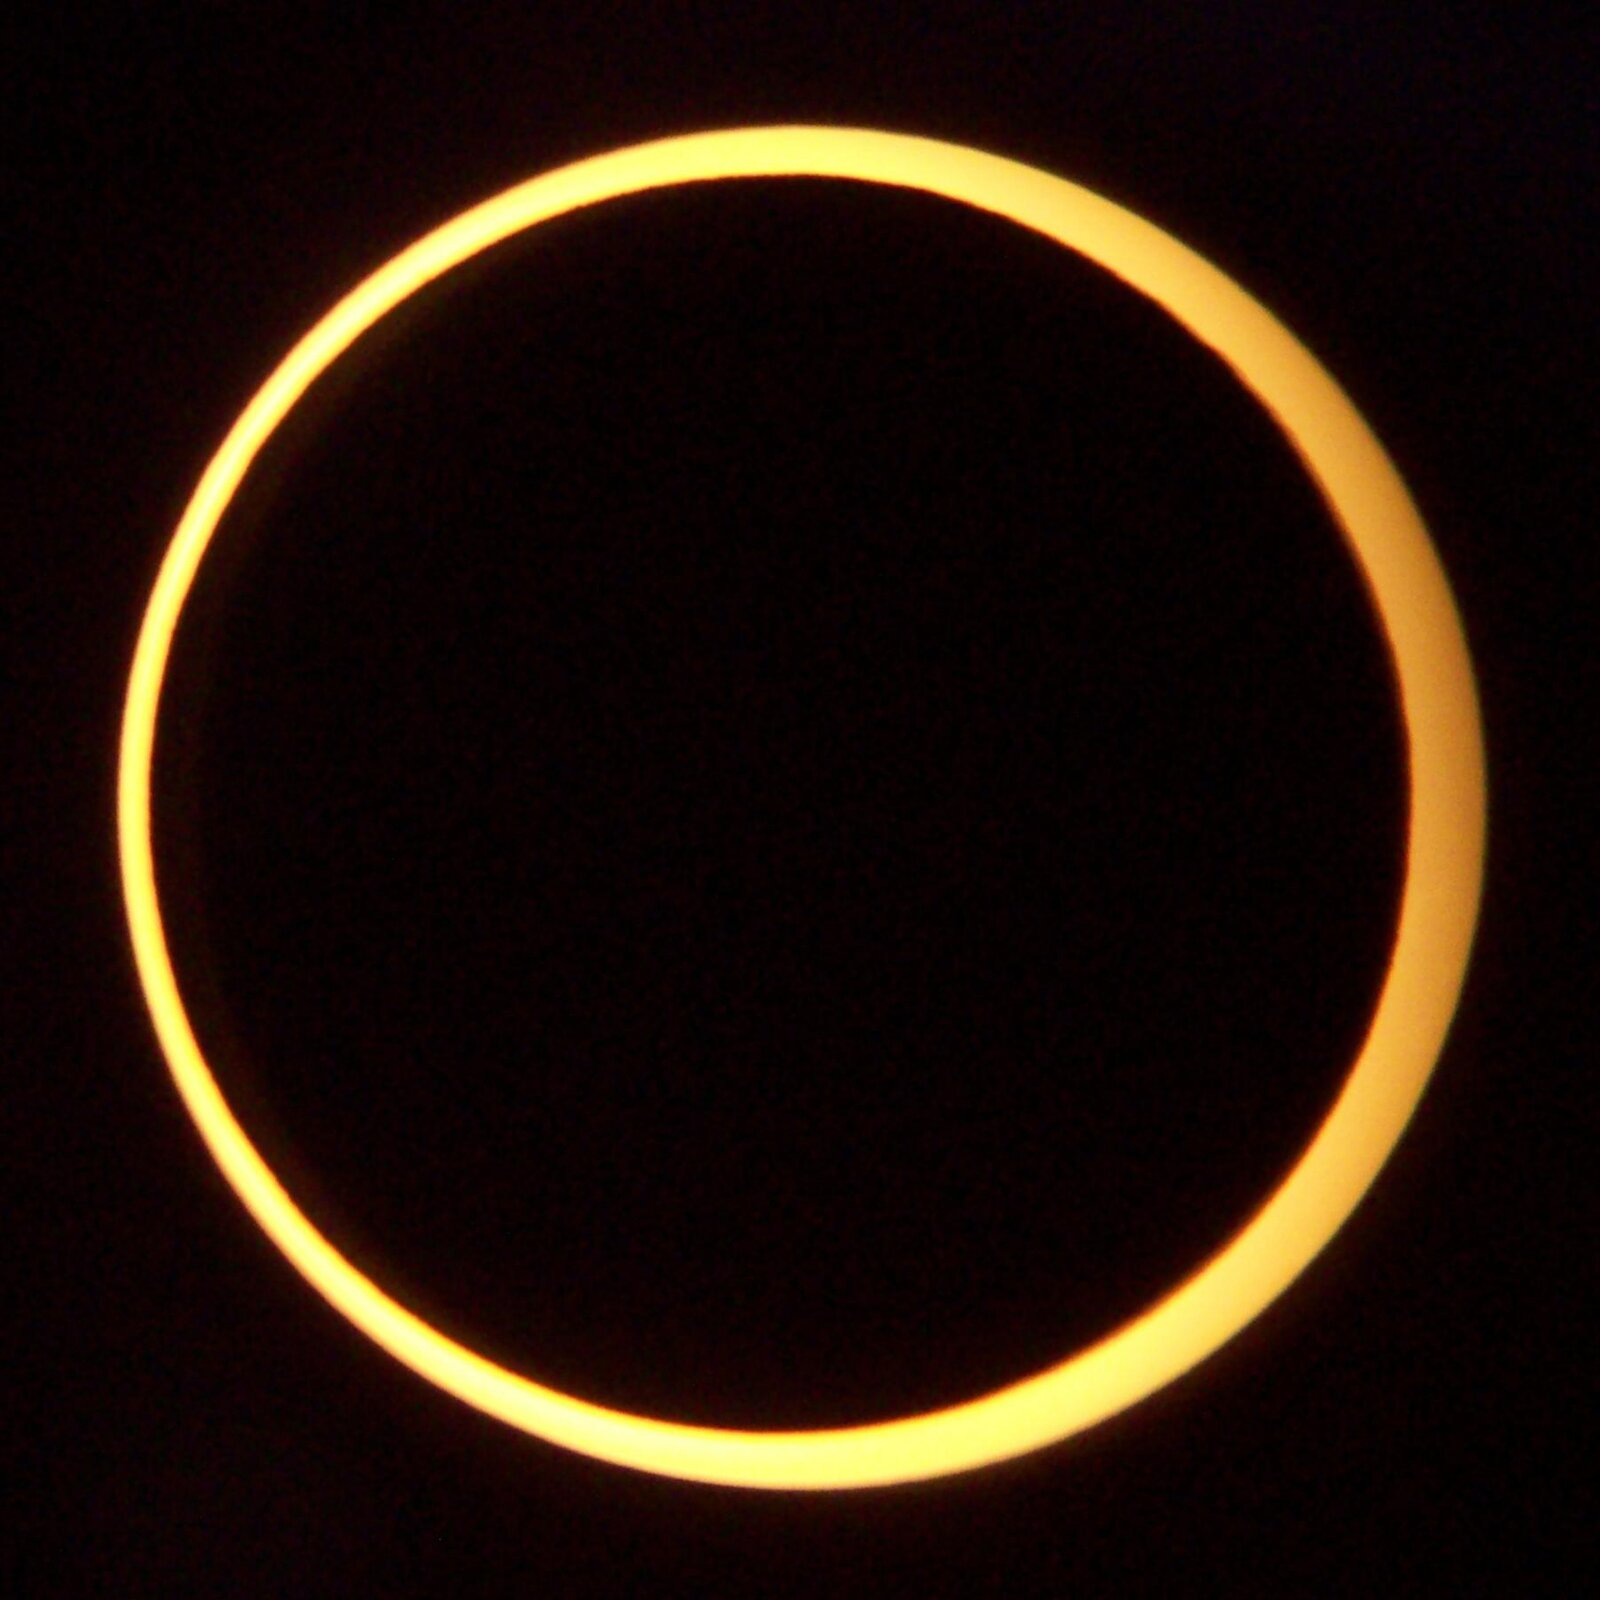 Zdjęcie przedstawia pierścieniowe zaćmienie Słońca. Tarcza Słońca zakryta jest tarczą Księżyca, który znajduje się pomiędzy Słońcem iZiemią. Wokół ciemnej tarczy Księżyca znajduje się ognisty żółty pierścień tarczy Słońca, gdyż tarcza Słońca jest większa od tarczy Księżyca. Na zdjęciu tło czarne.